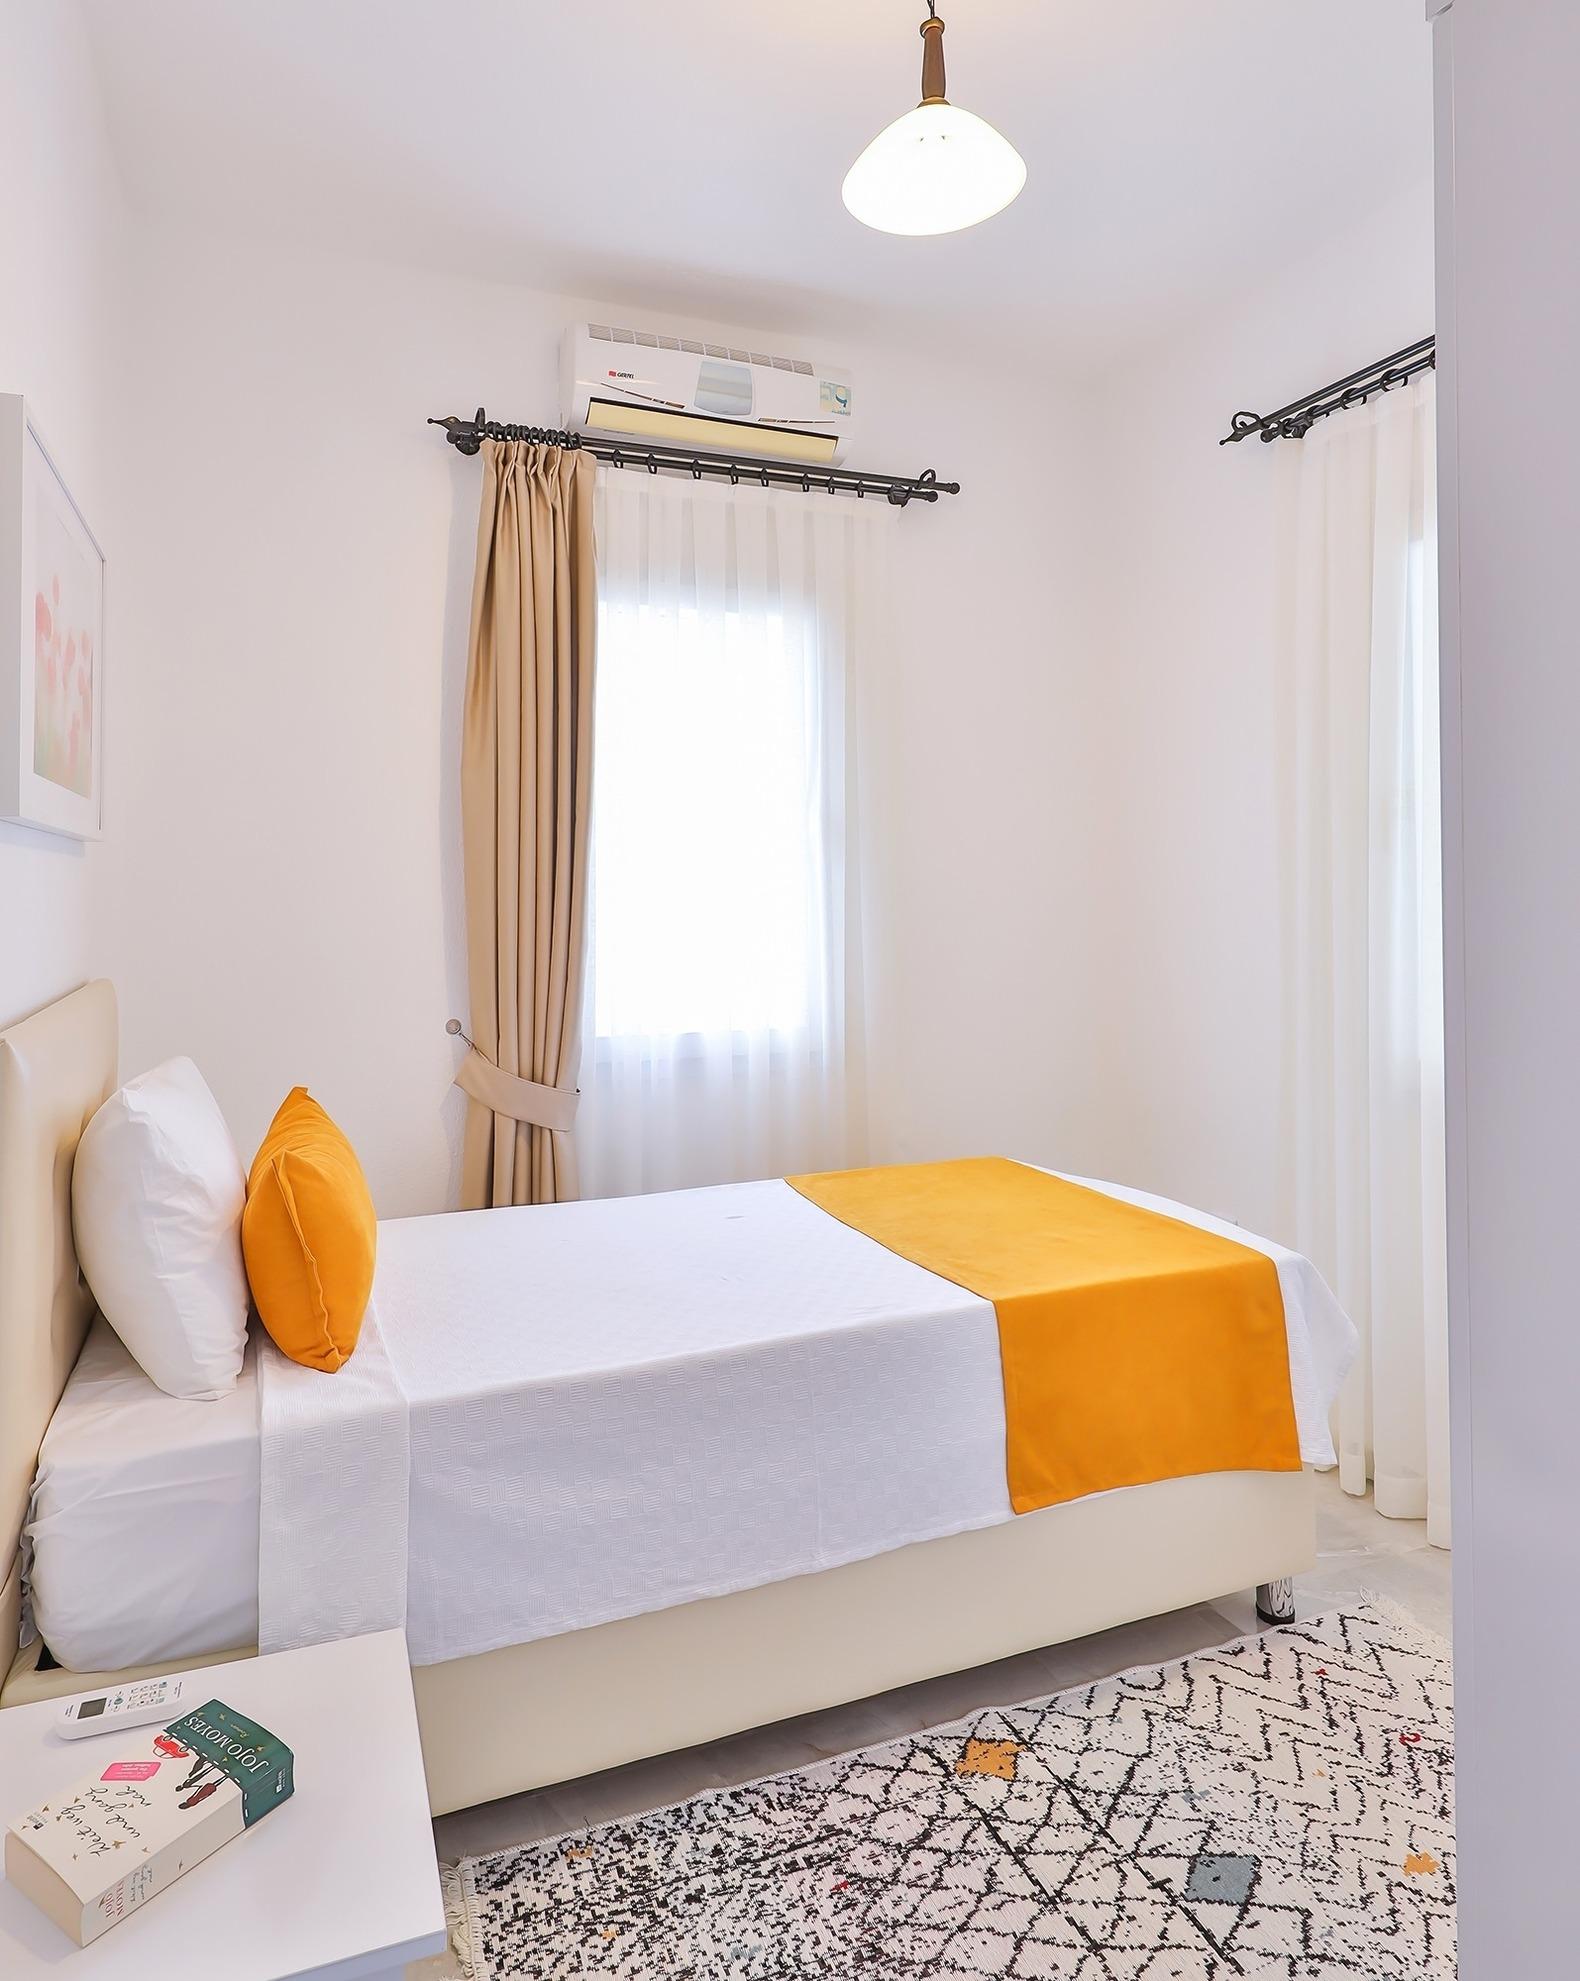 Ferienhaus Villa Asfina (2628177), Kalkan, , Mittelmeerregion, Türkei, Bild 12